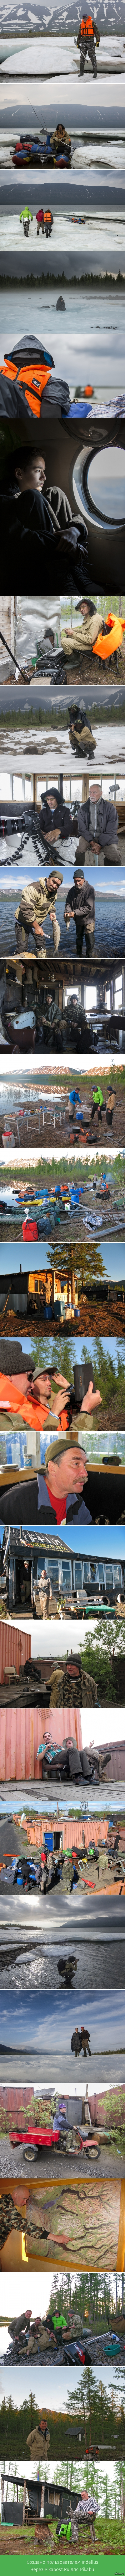 Экспедиция 2014 Часть 4. Последняя из основных частей, в которой будут показаны члены нашей команды.